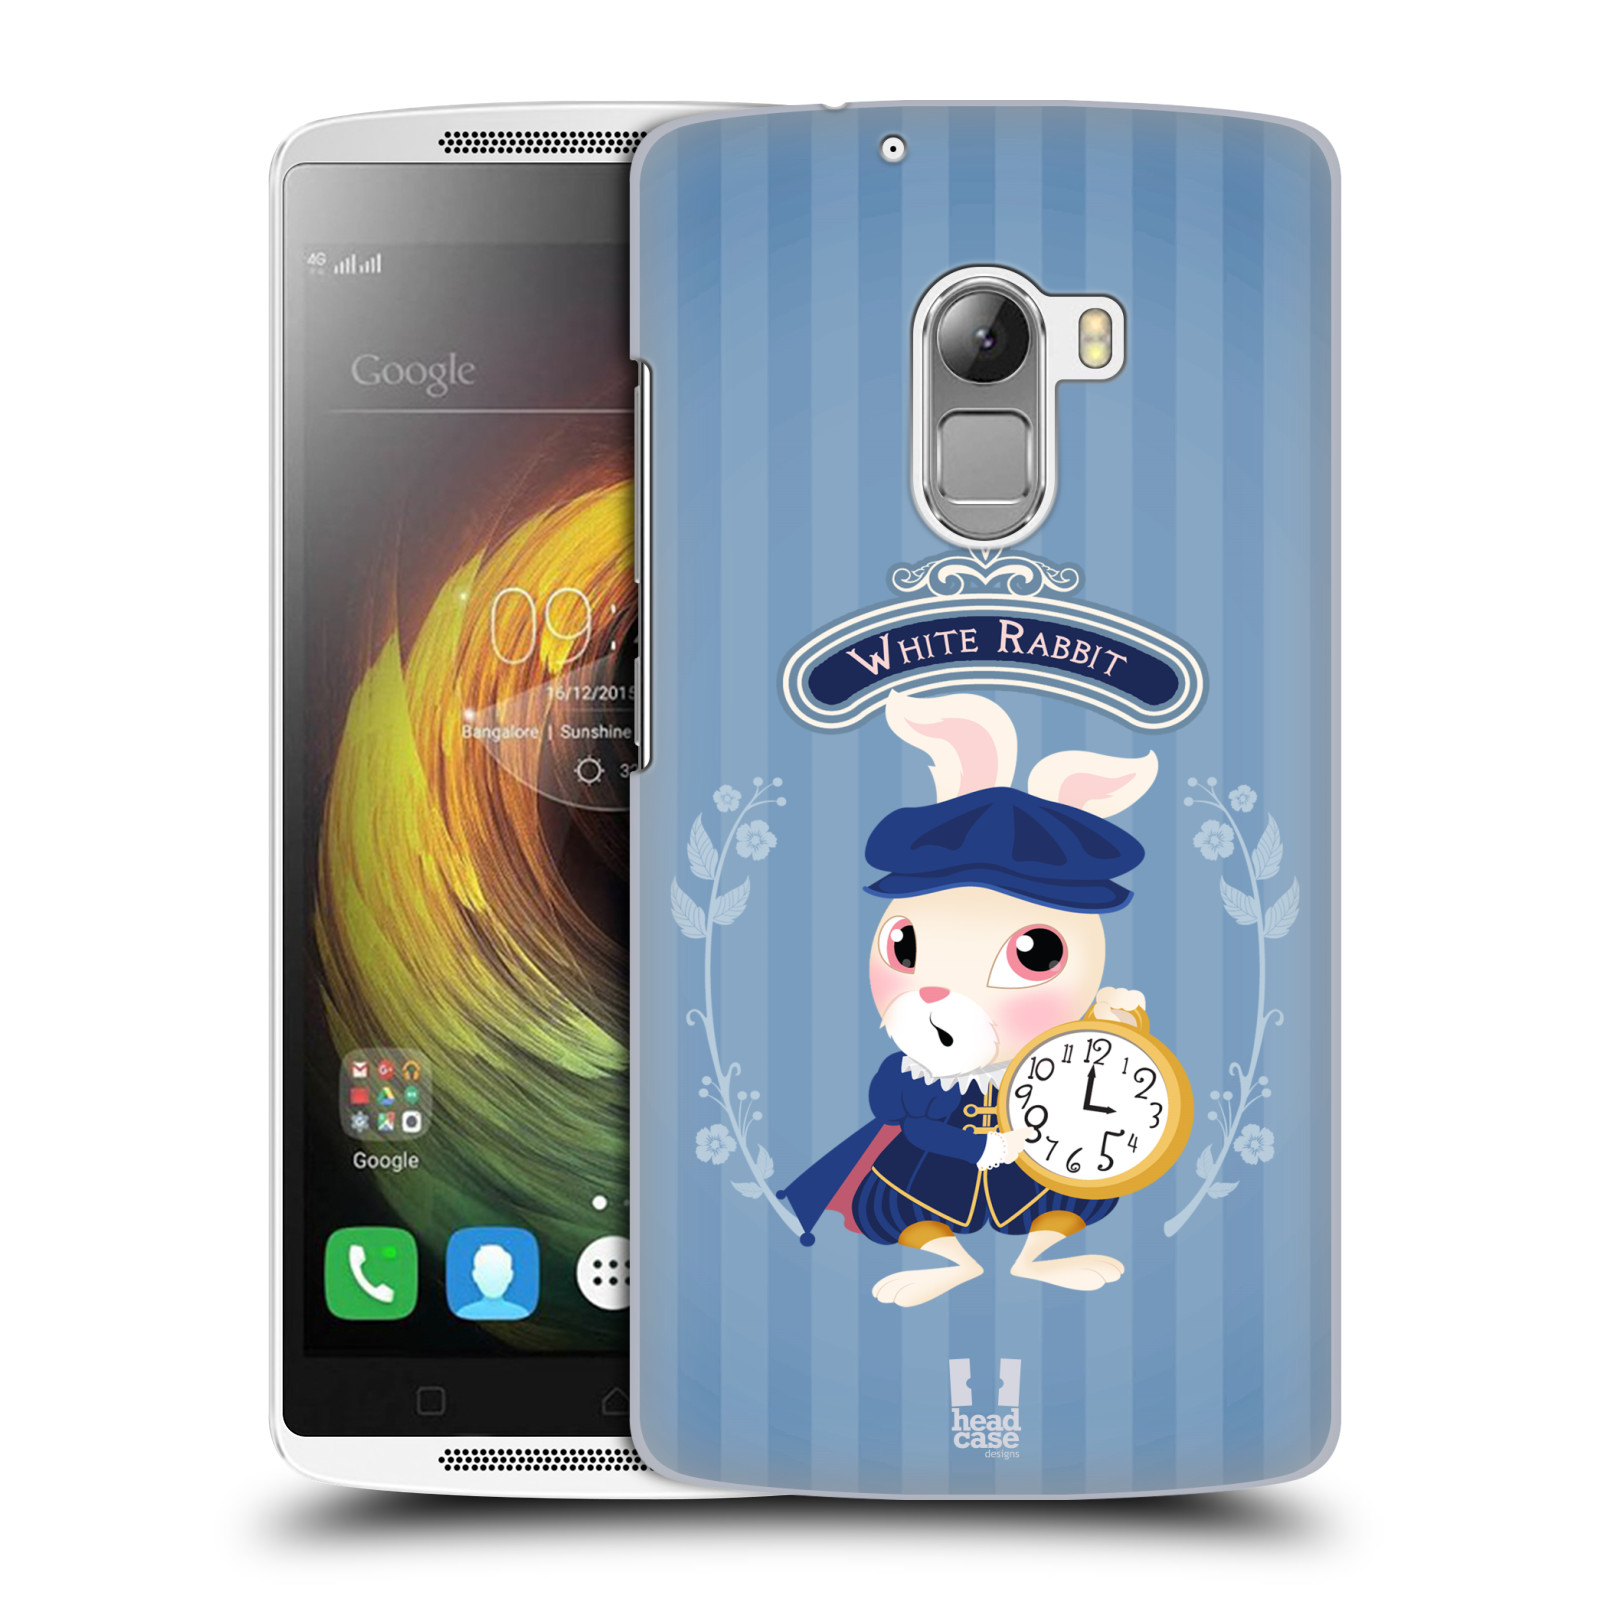 HEAD CASE pevný plastový obal na mobil LENOVO A7010 / A7010 DUAL / K4 Note / Vibe X3 lite vzor Alenka v říši divů králíček